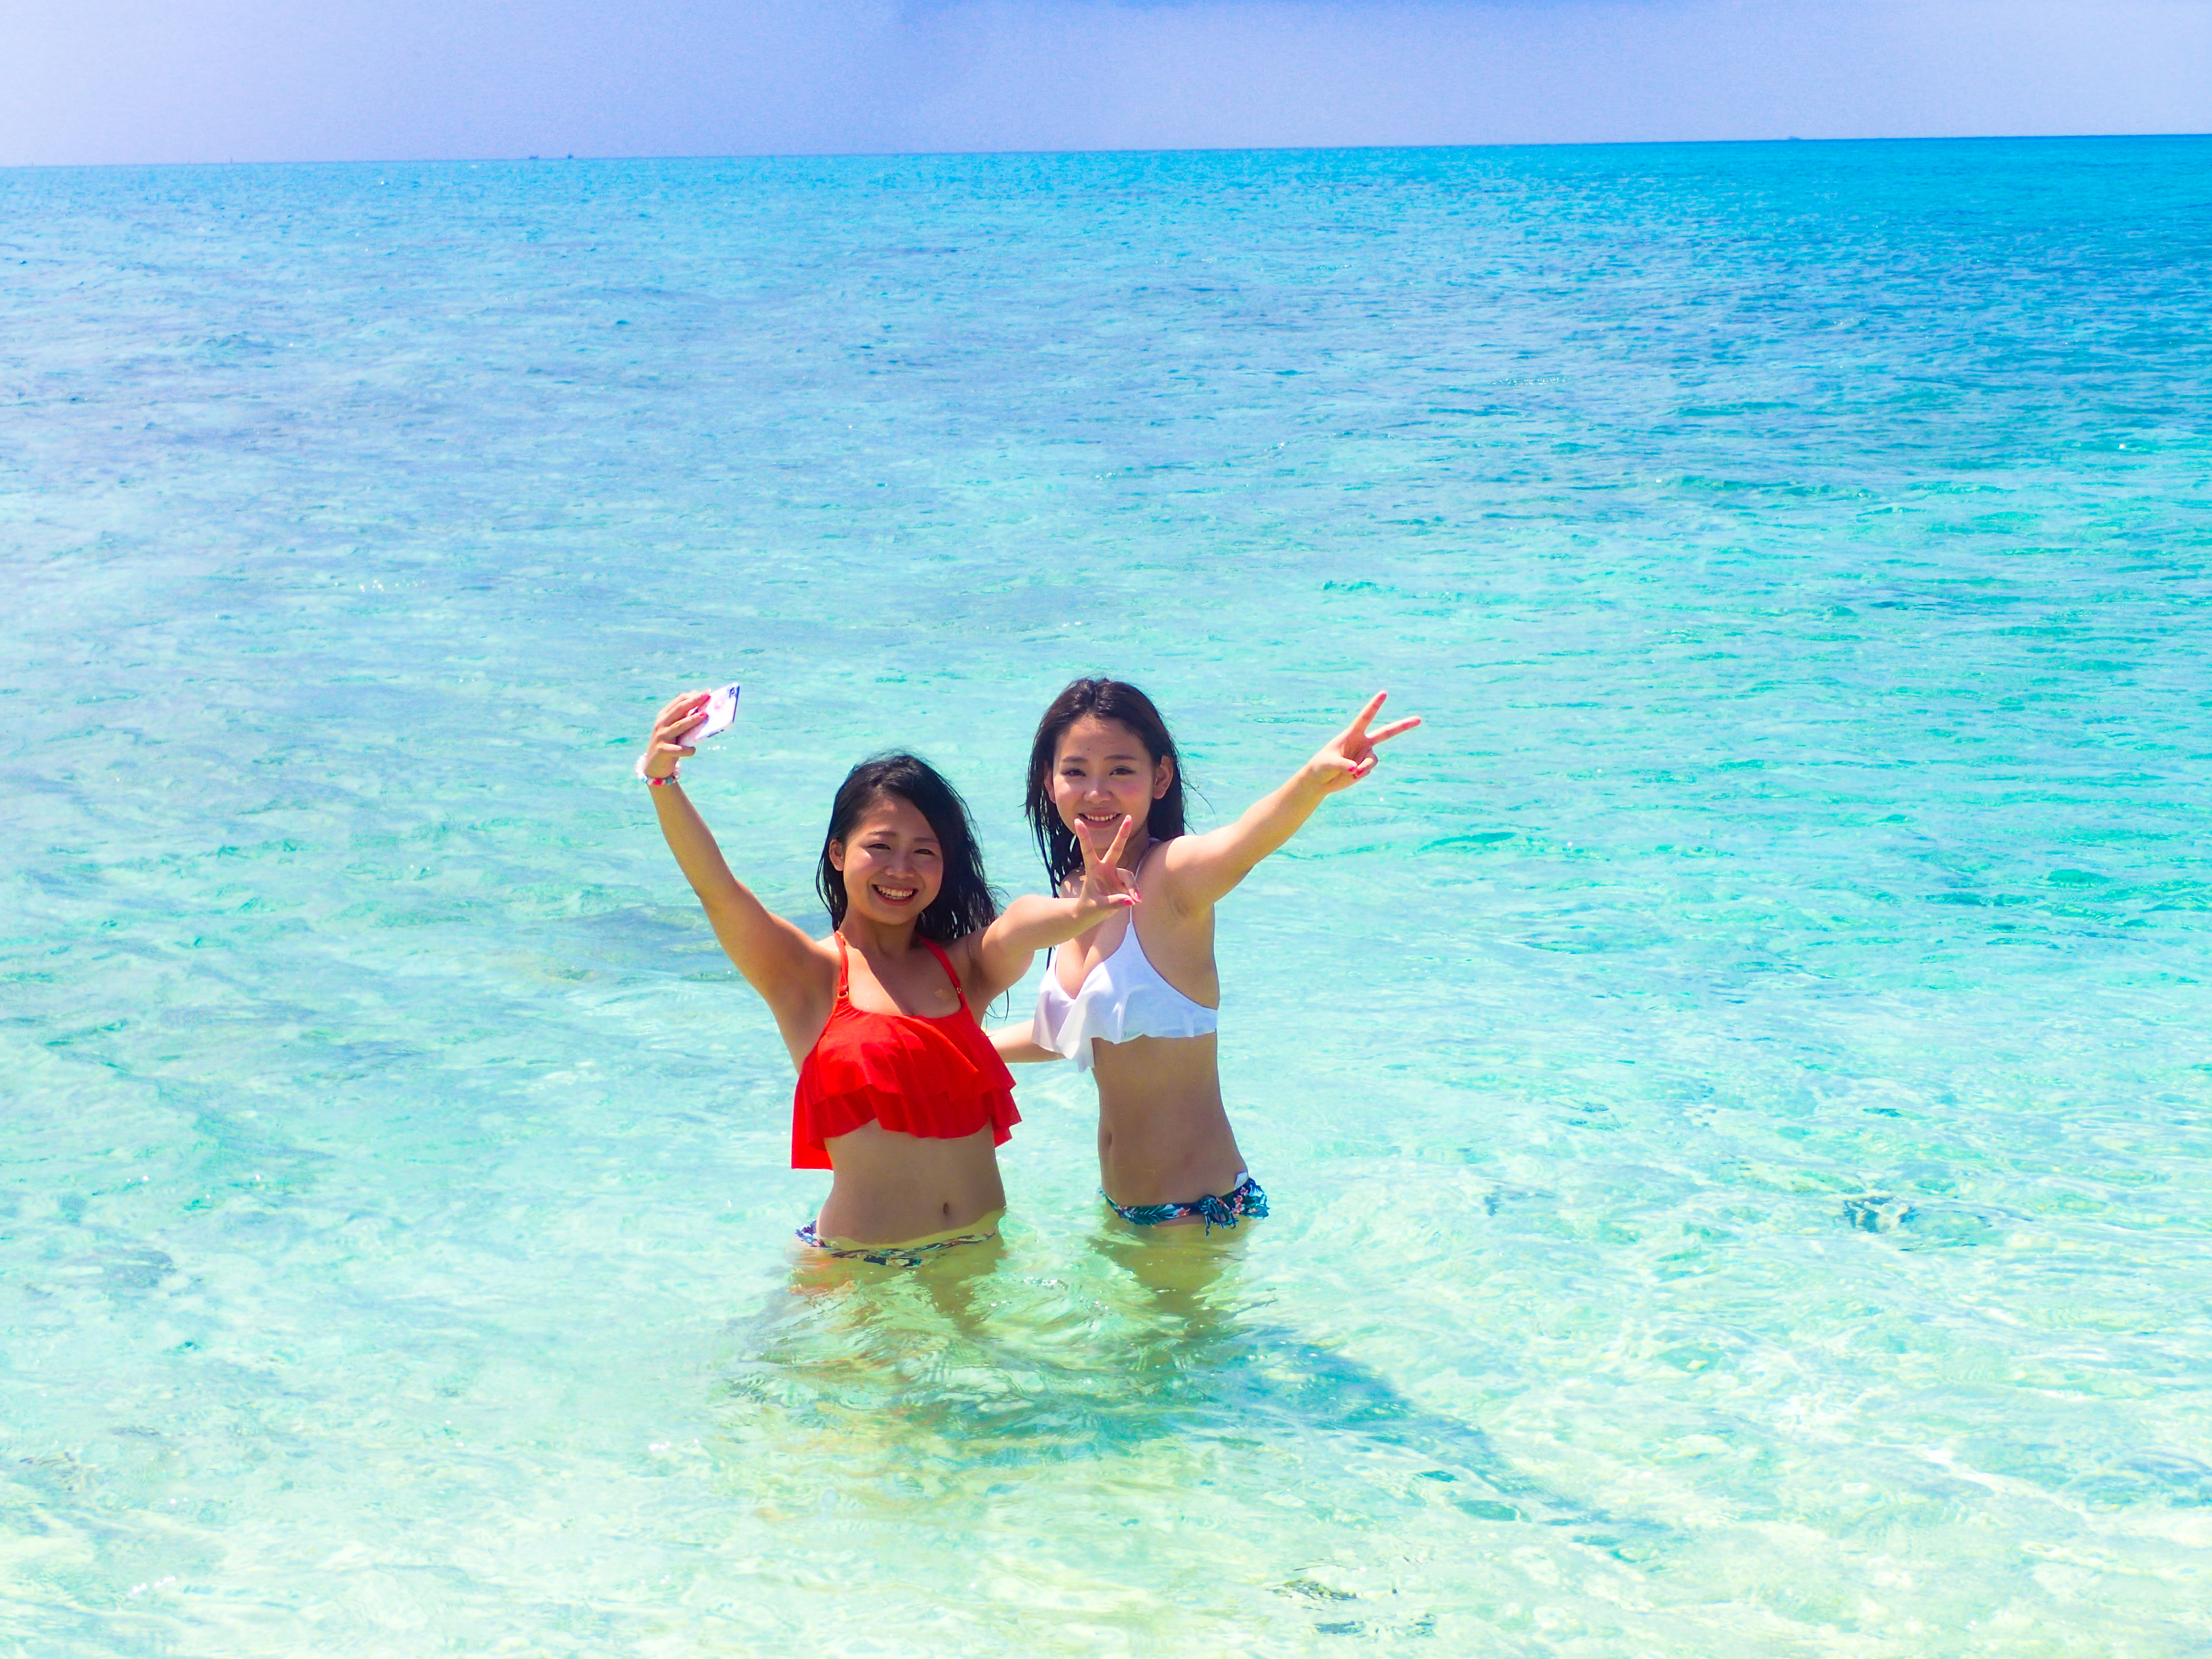 石垣島シュノーケリングを楽しむ友達旅行